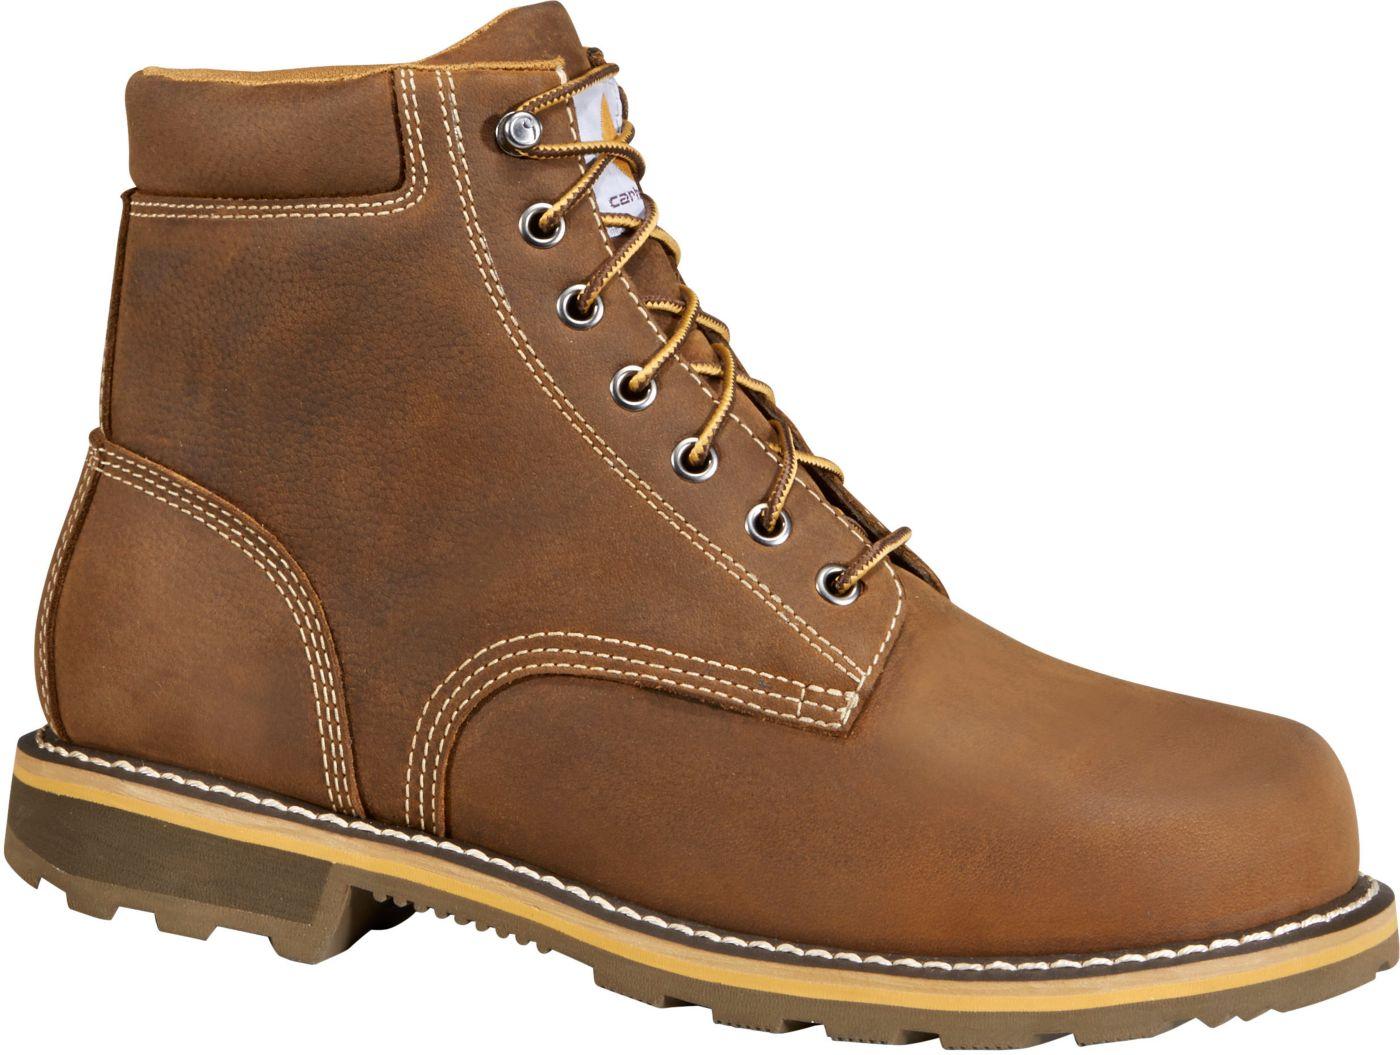 Carhartt Men's 6'' Waterproof Work Boots